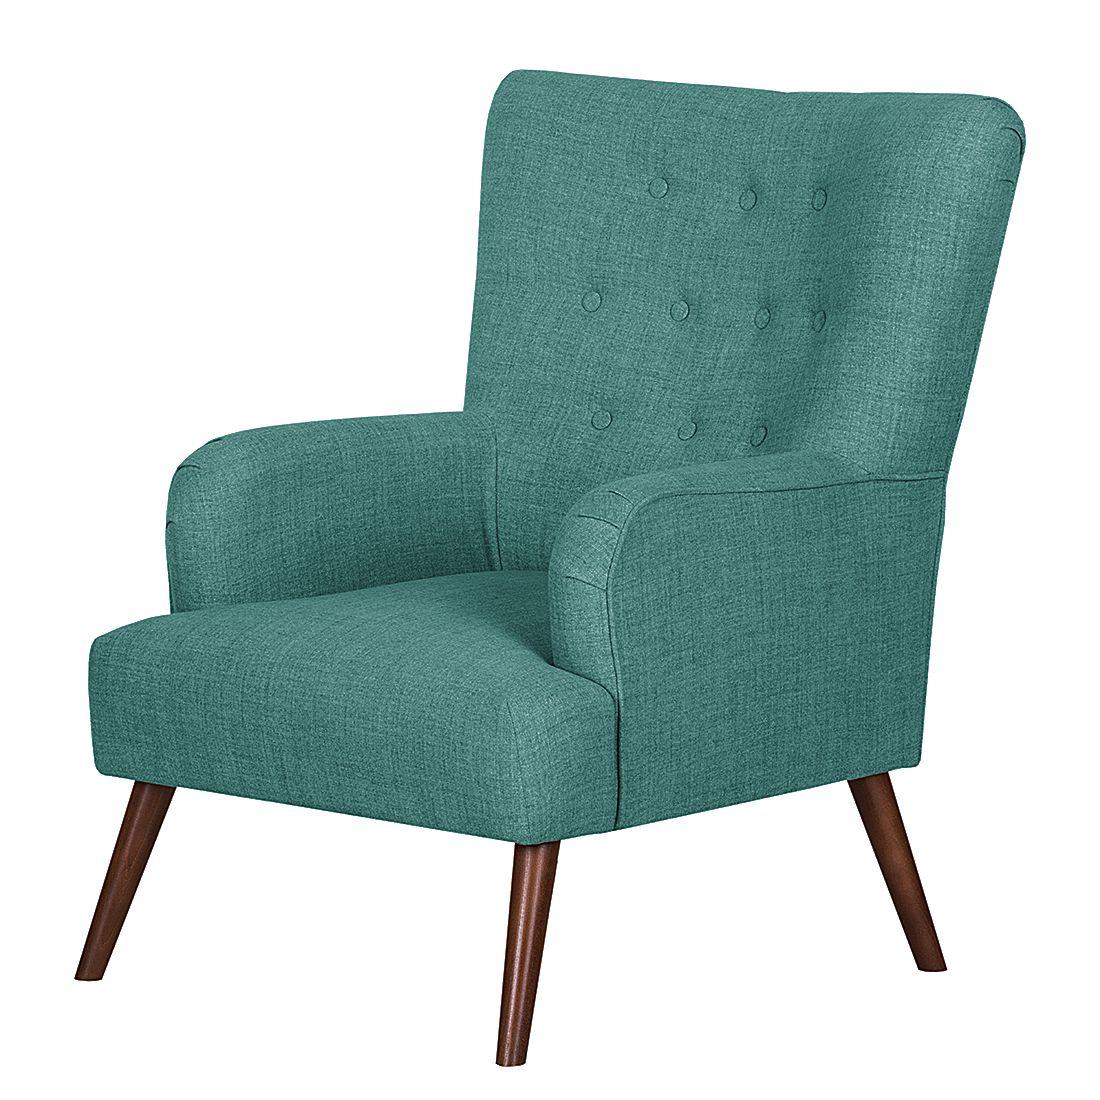 Sessel gemustert  Ein Sessel für mehr Gemütlichkeit | My home is my horst